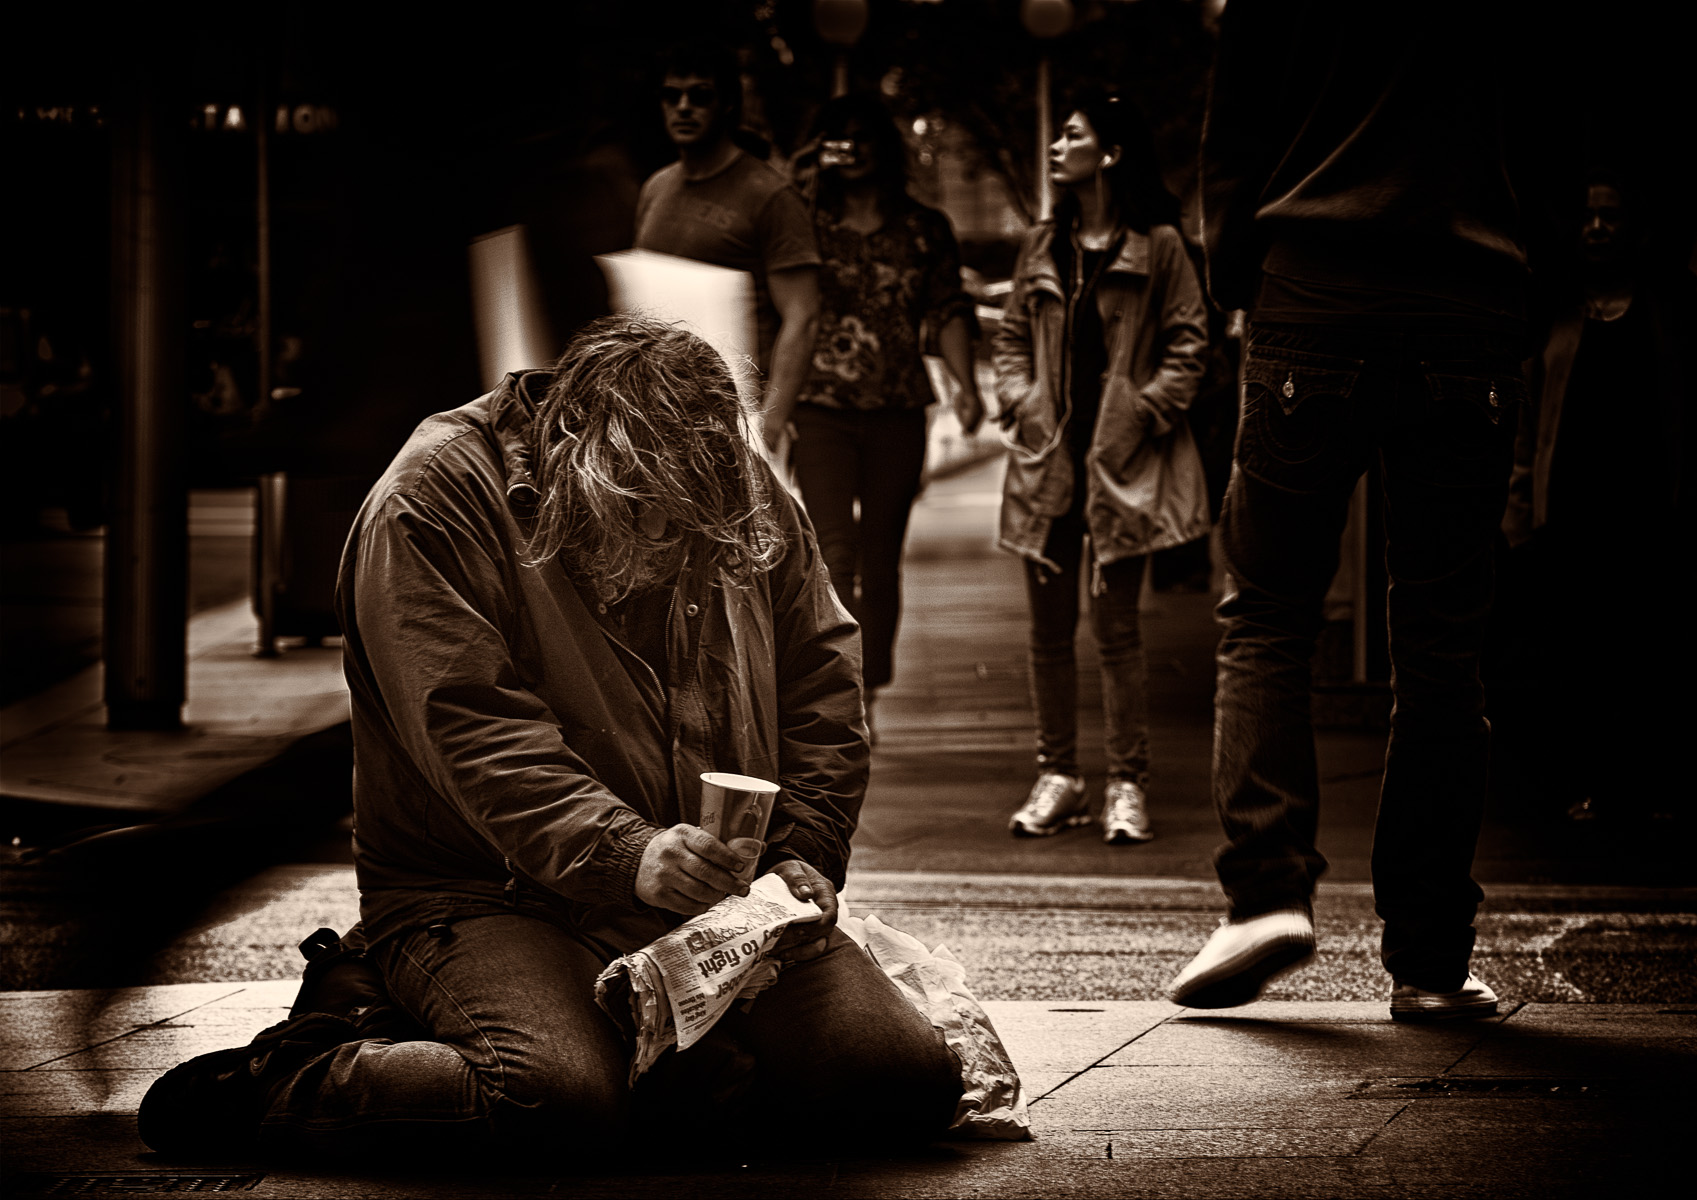 Homeless-109.jpg